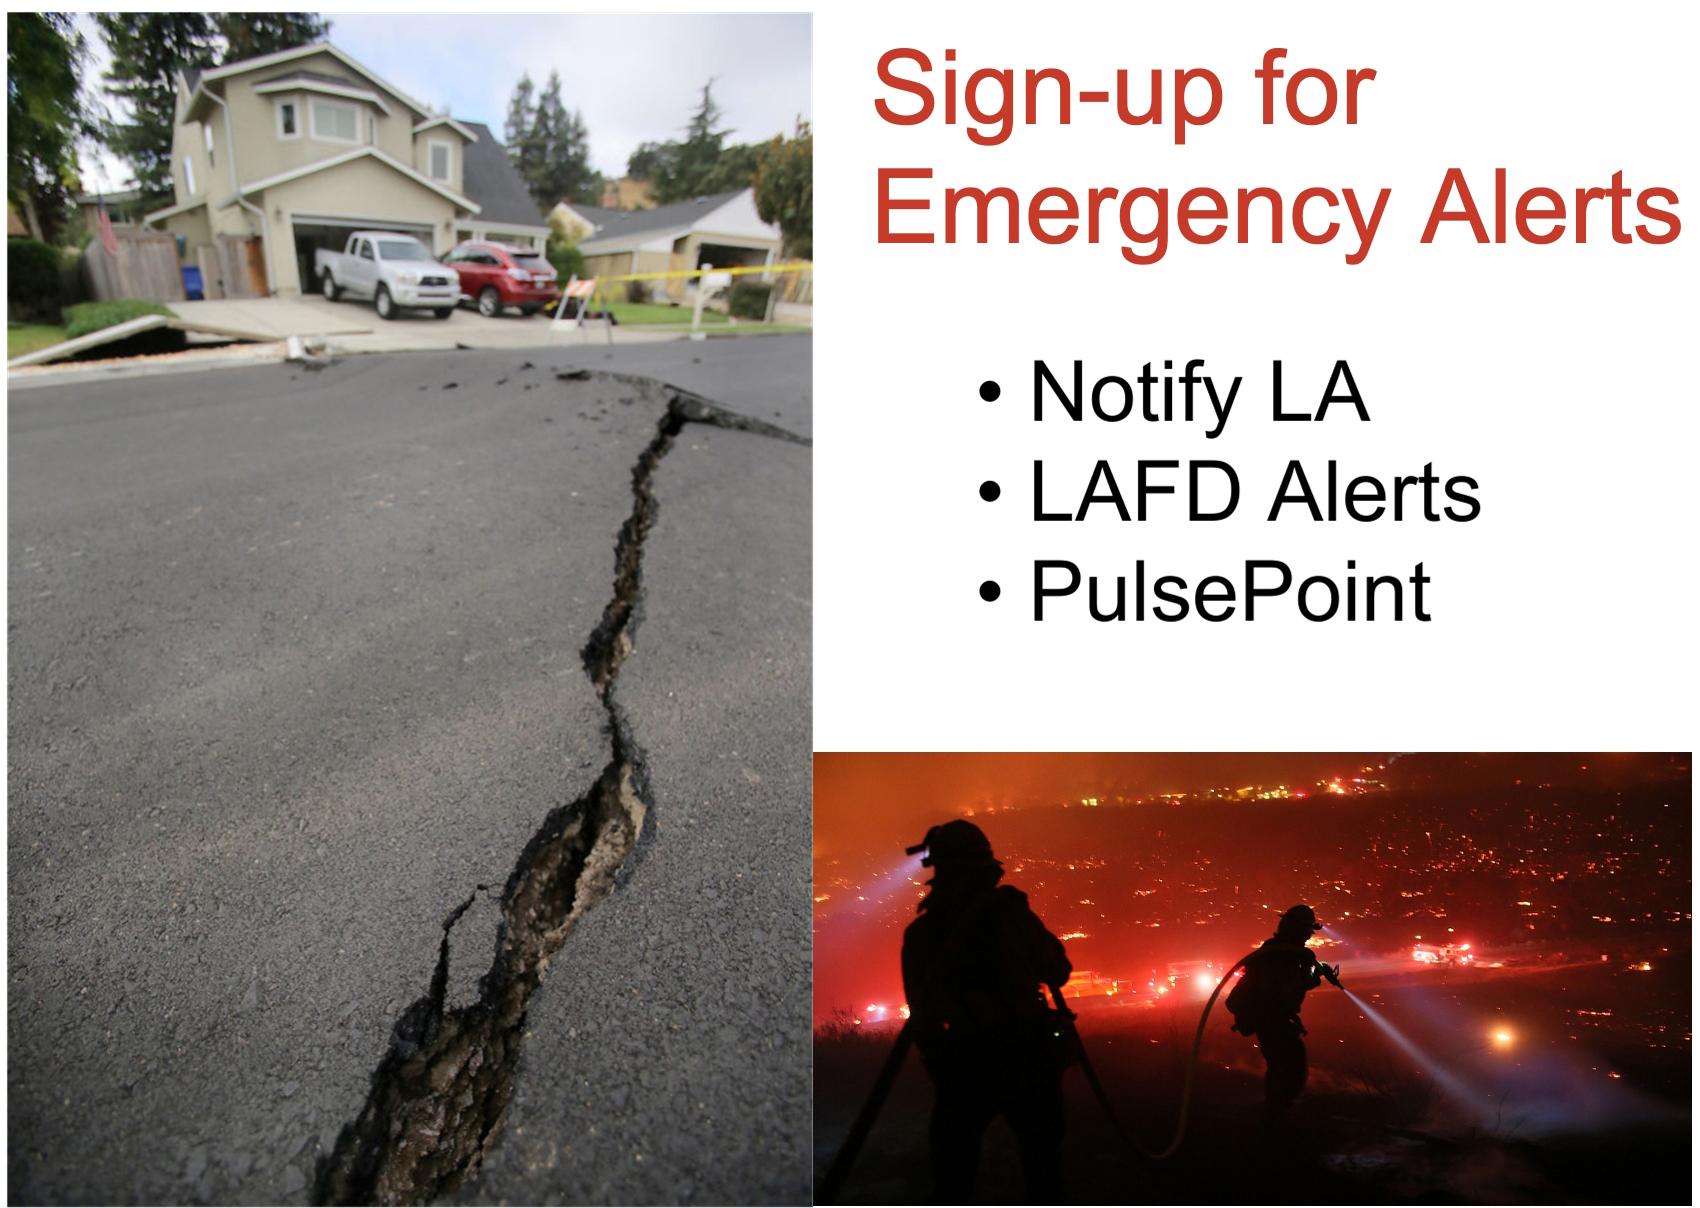 Sign up for Emergency Alerts.jpg